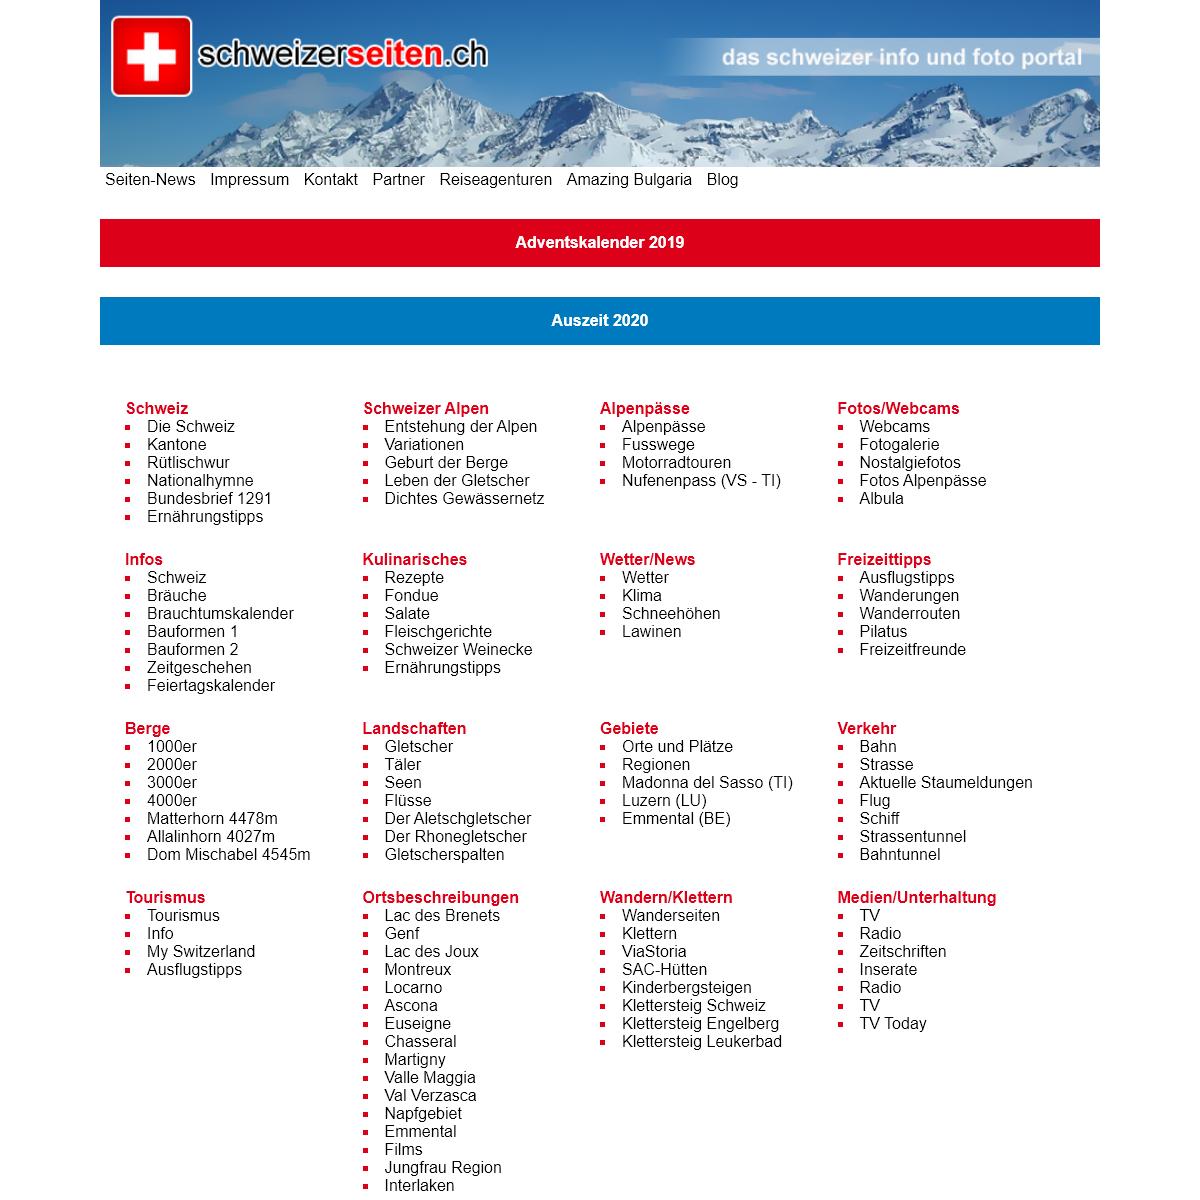 SchweizerSeiten - Das Schweizer Info- und Fotoportal